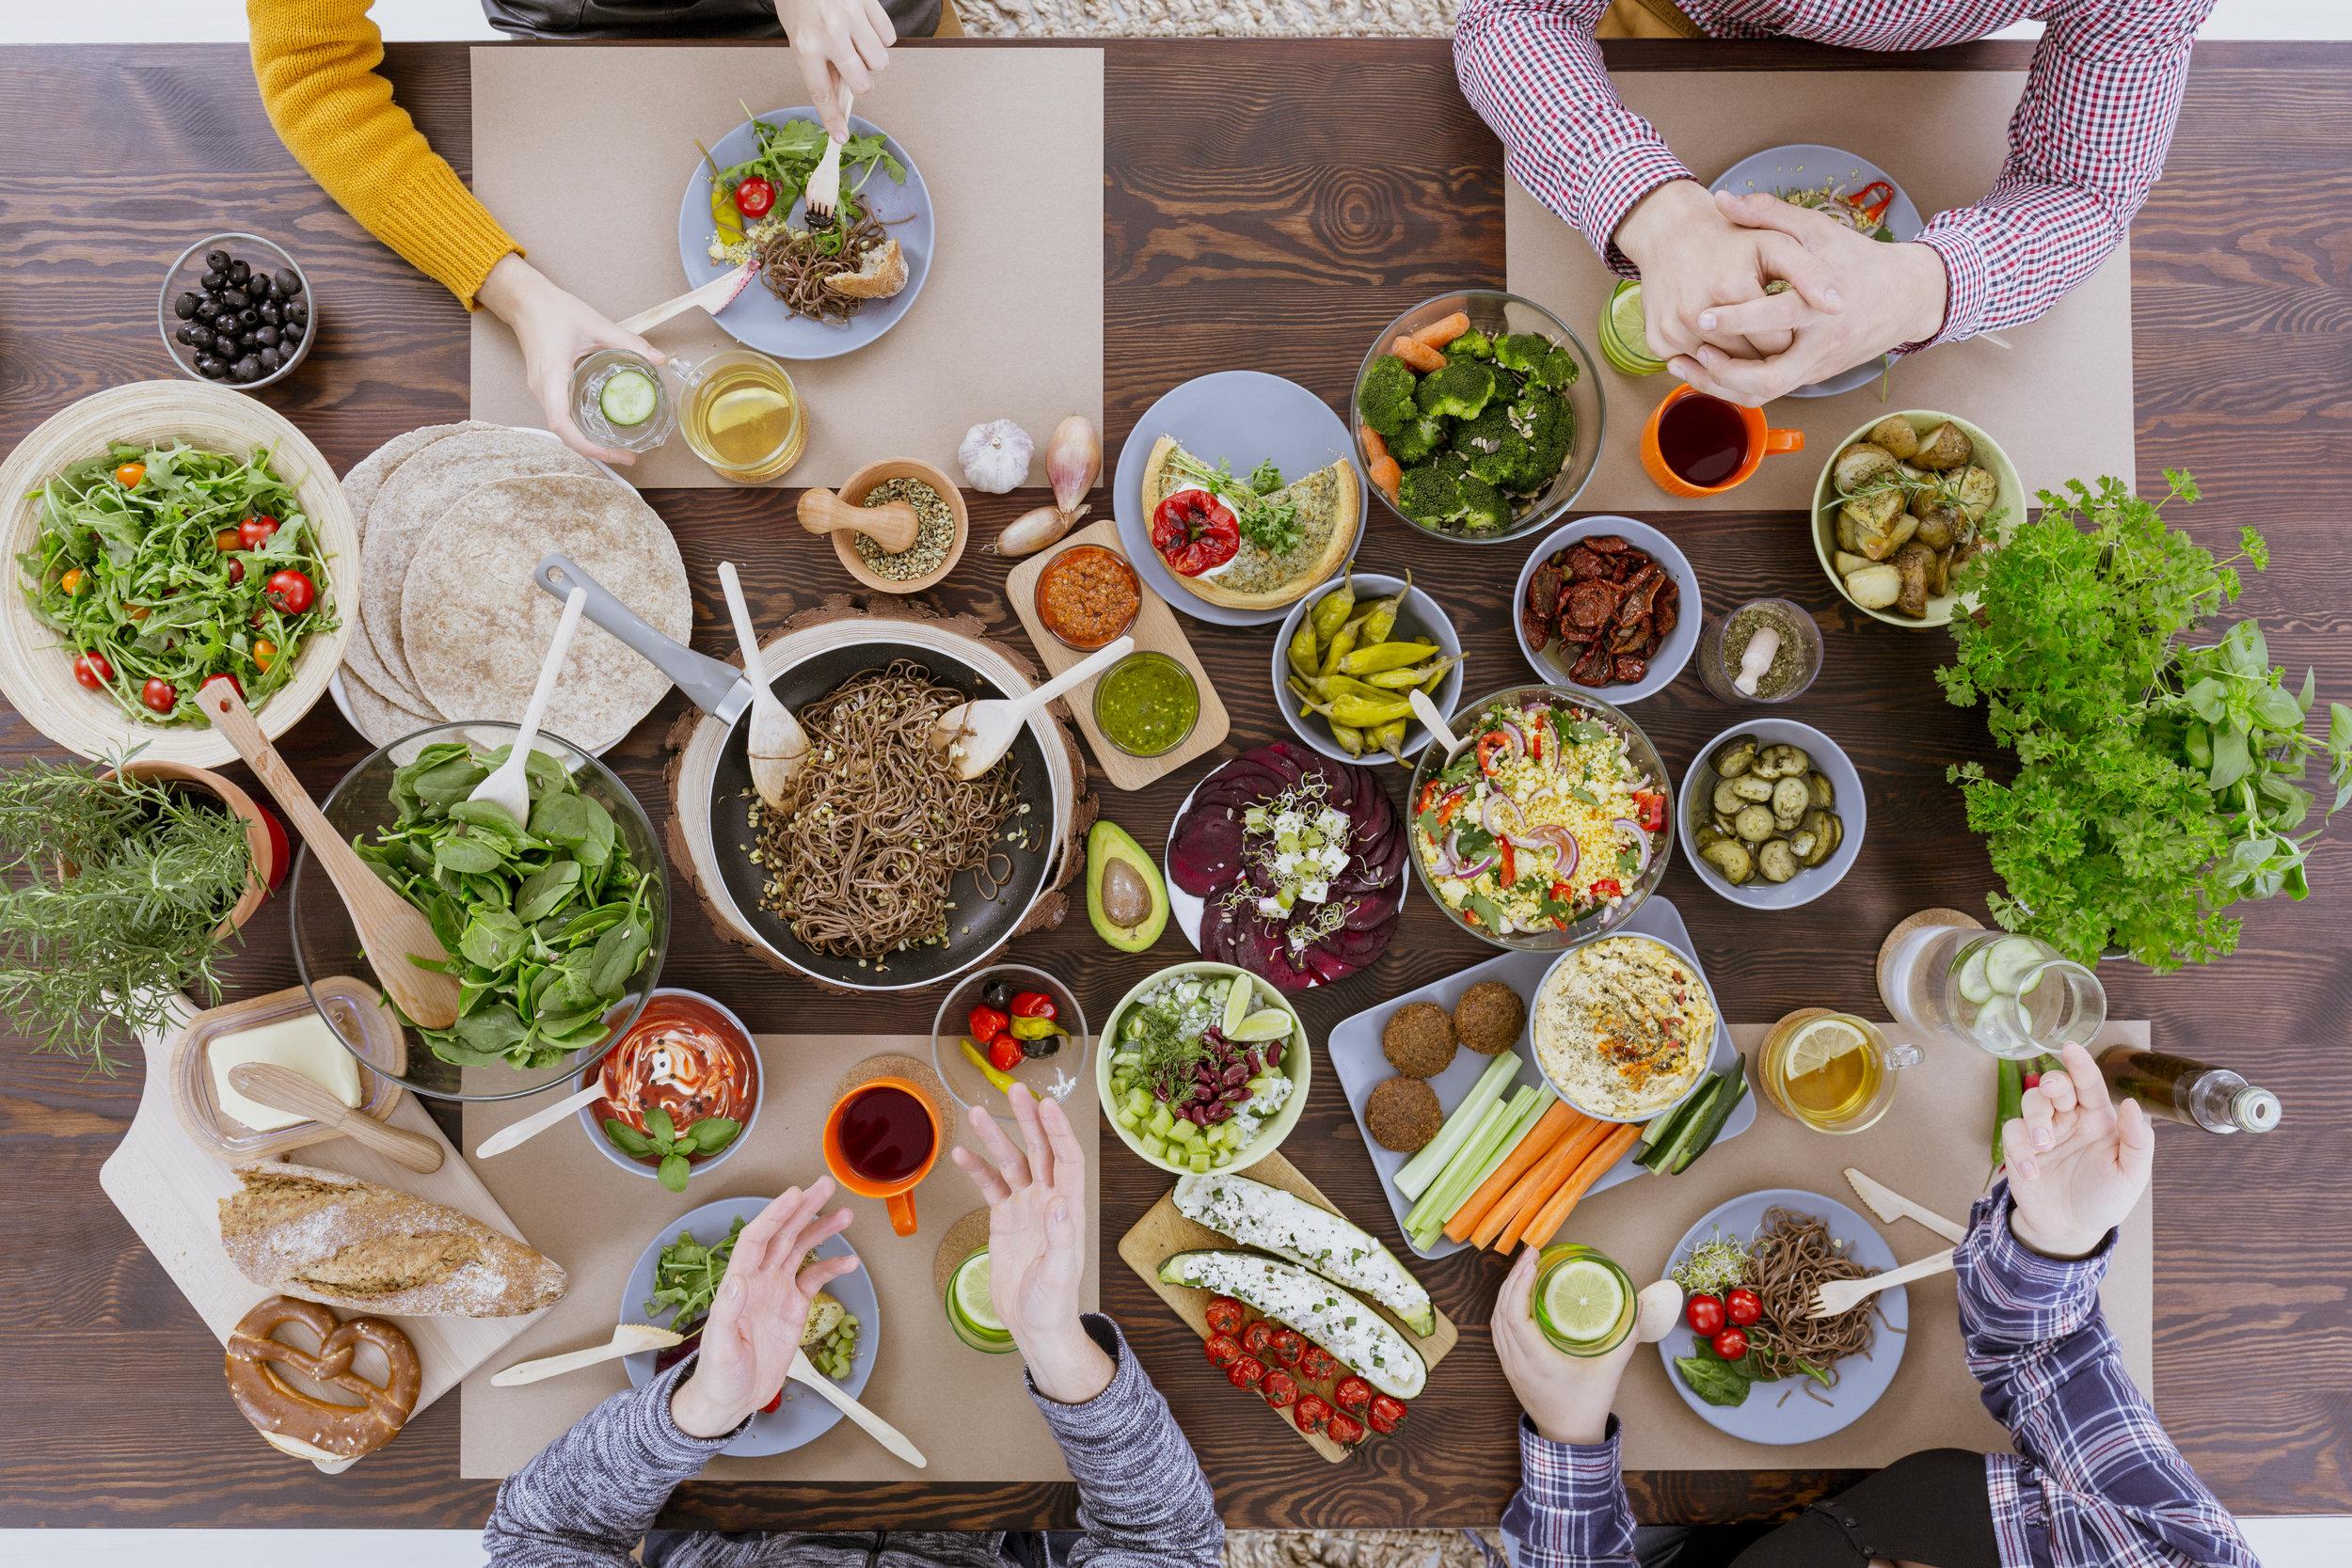 vegan-and-vegetarian-food-PLU3L44.jpg